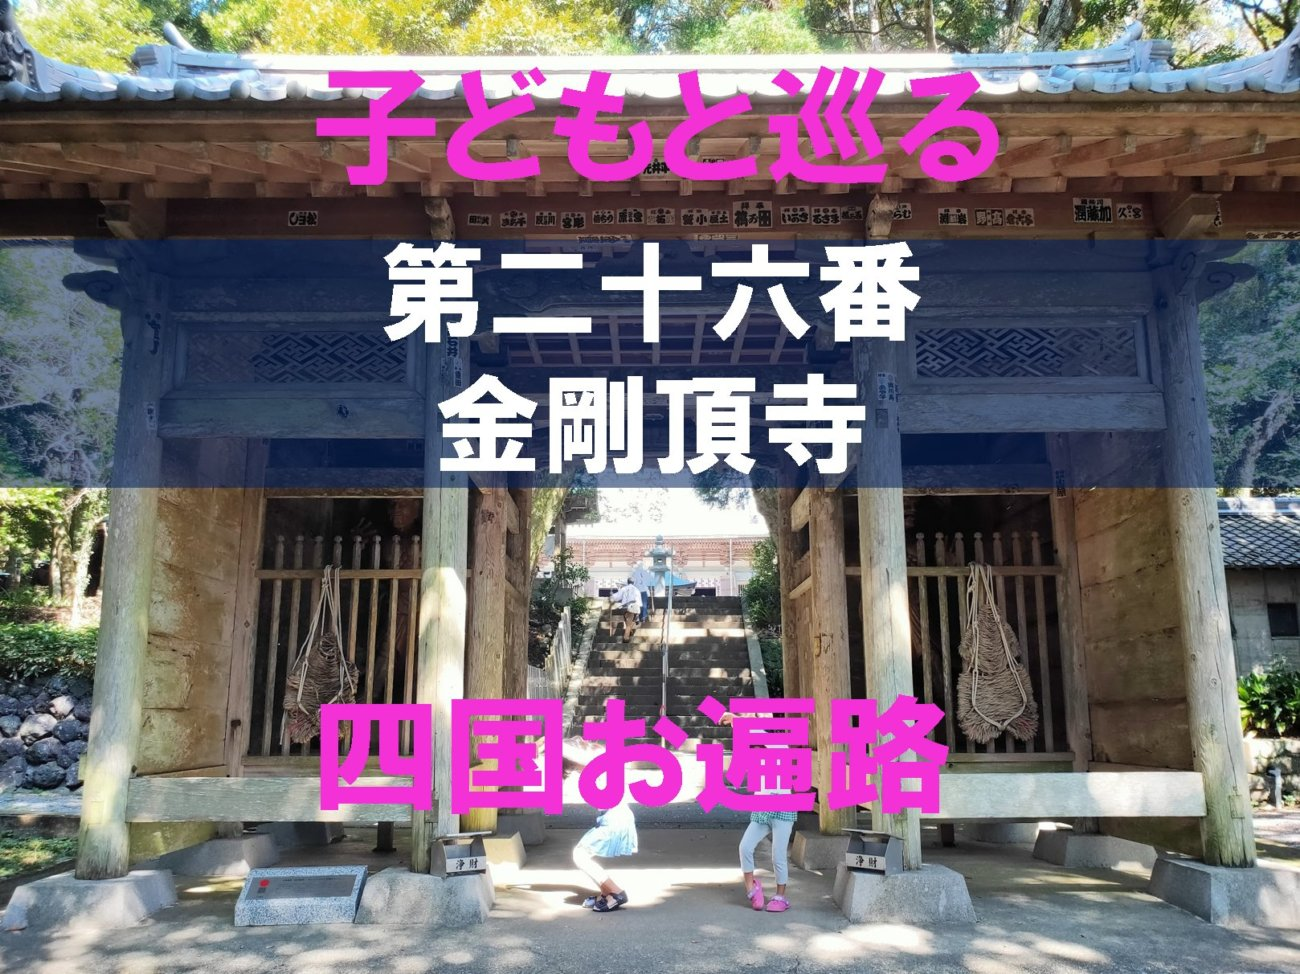 26番金剛頂寺のアイキャッチ画像